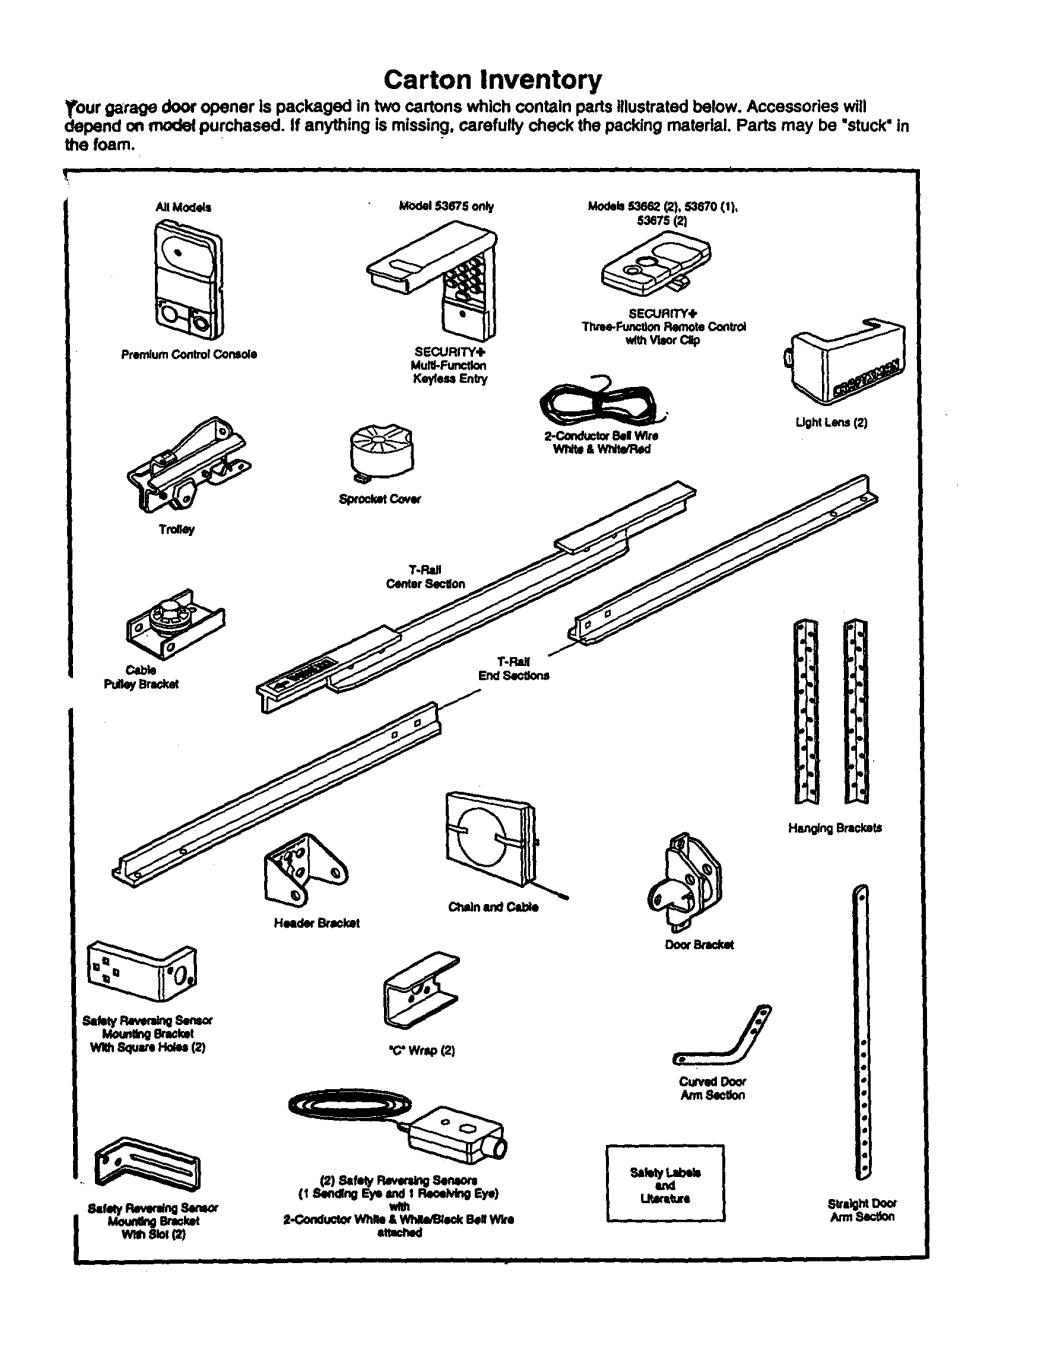 Sears Craftsman Garage Door Opener Manual Hbw0777